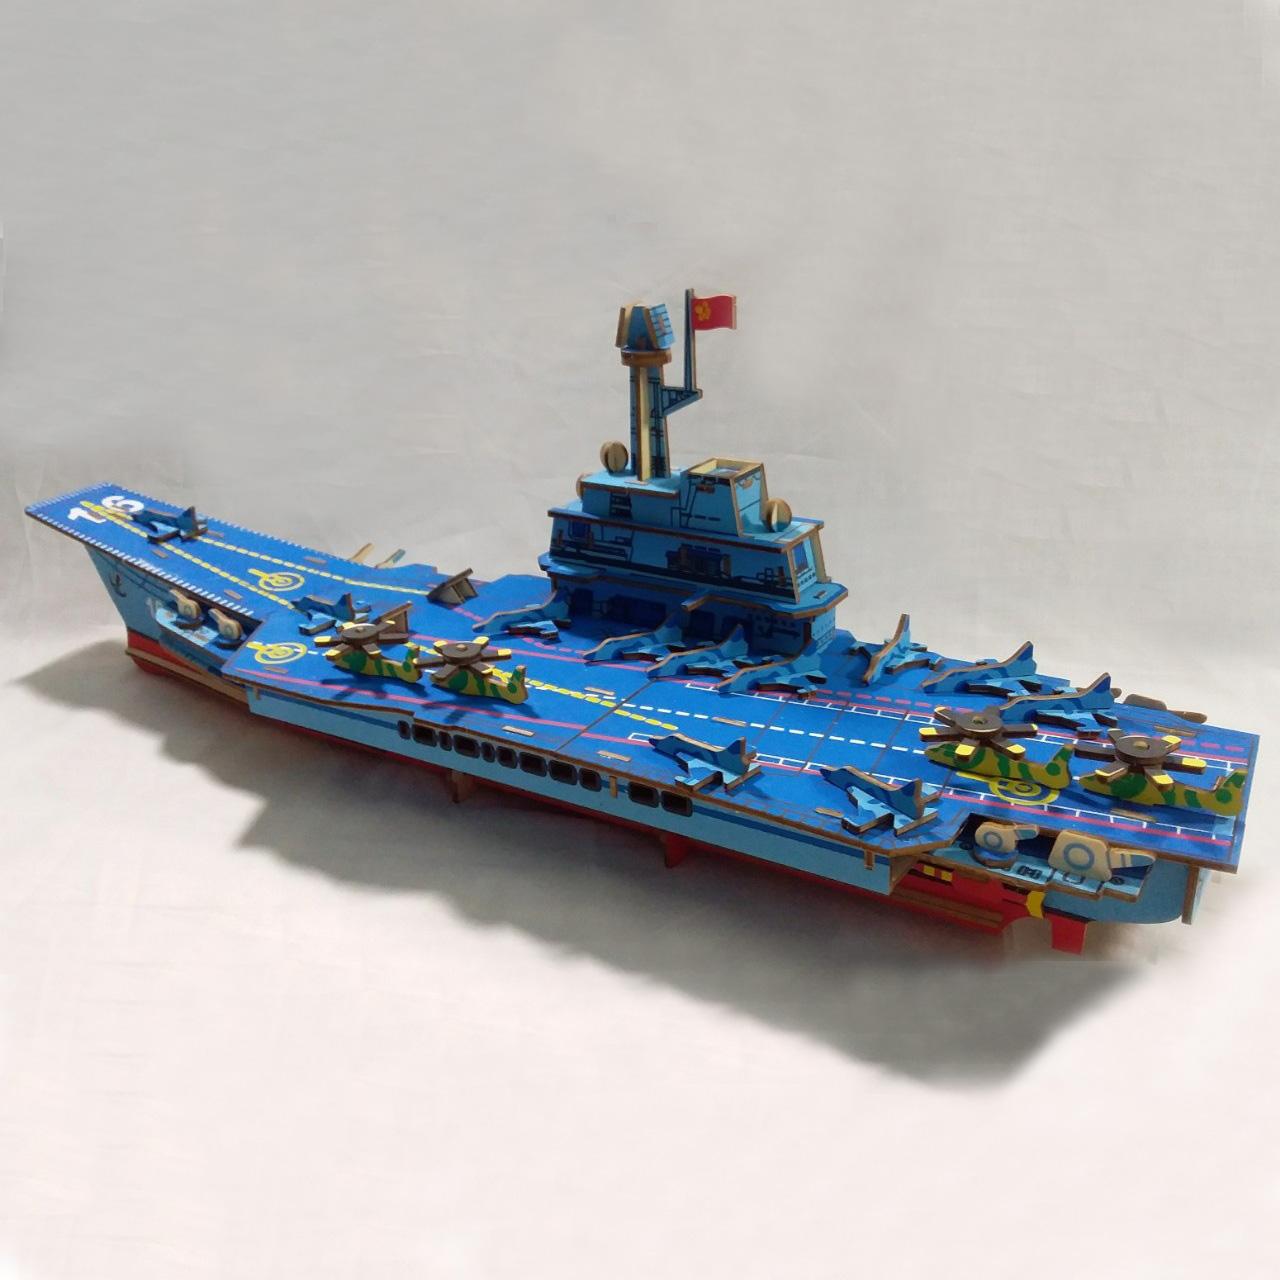 Đồ chơi lắp ráp gỗ 3D Mô hình Tàu Sân bay Laser